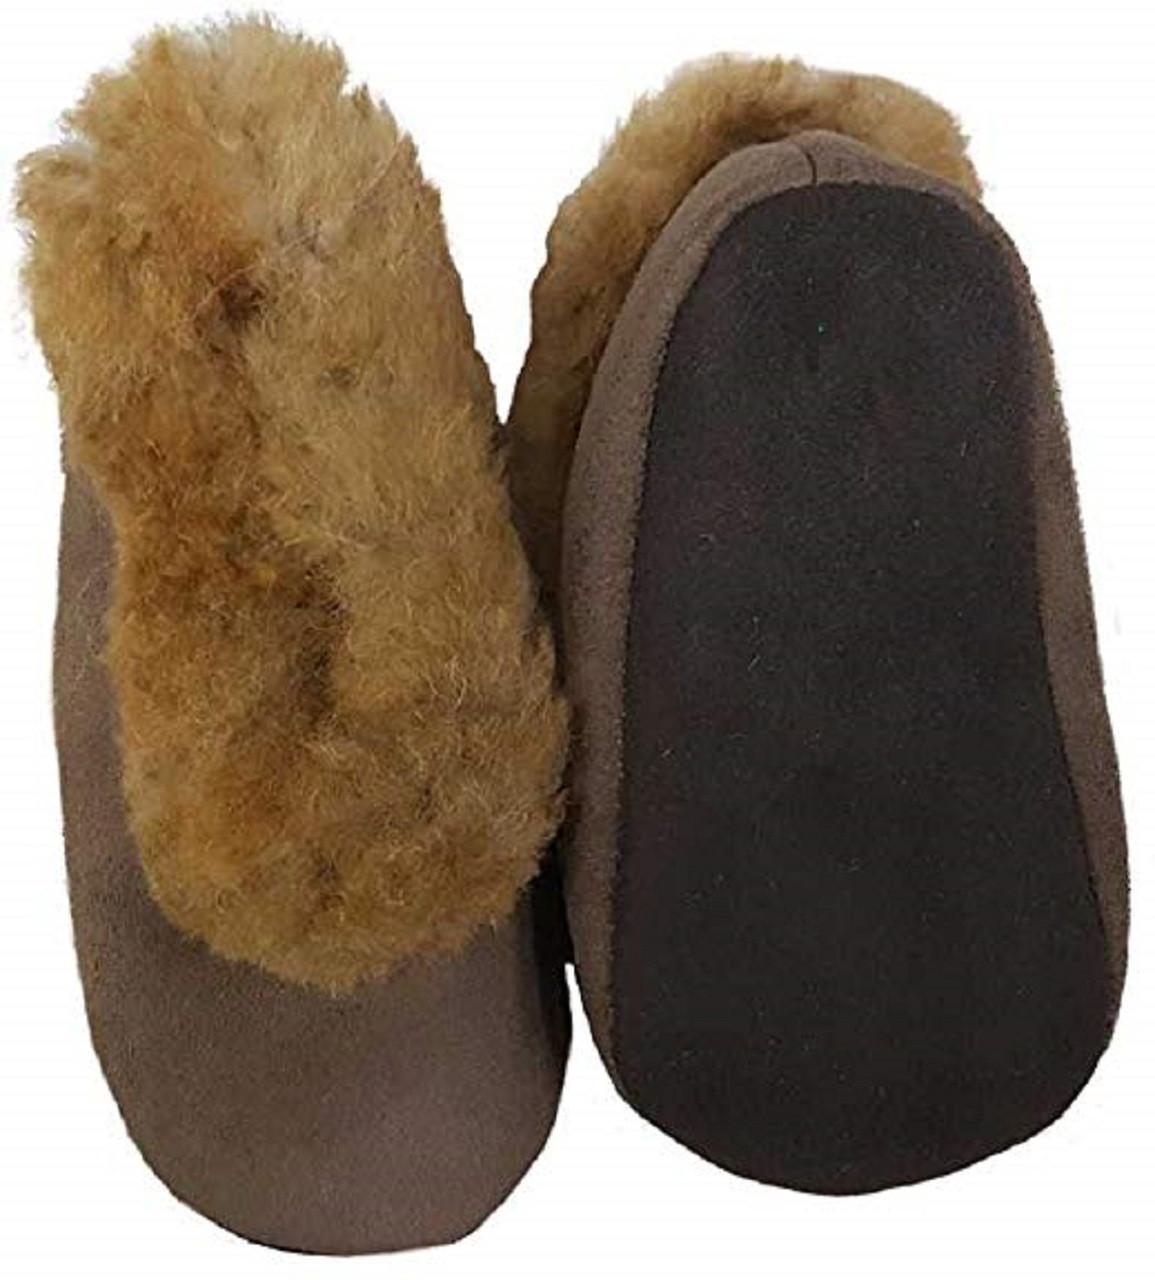 e9700e6b55e 100% Handmade Alpaca Fur Interior Warm Super Comfortable Exterior Alpaca  Leather Suede  Suede Slippers ...